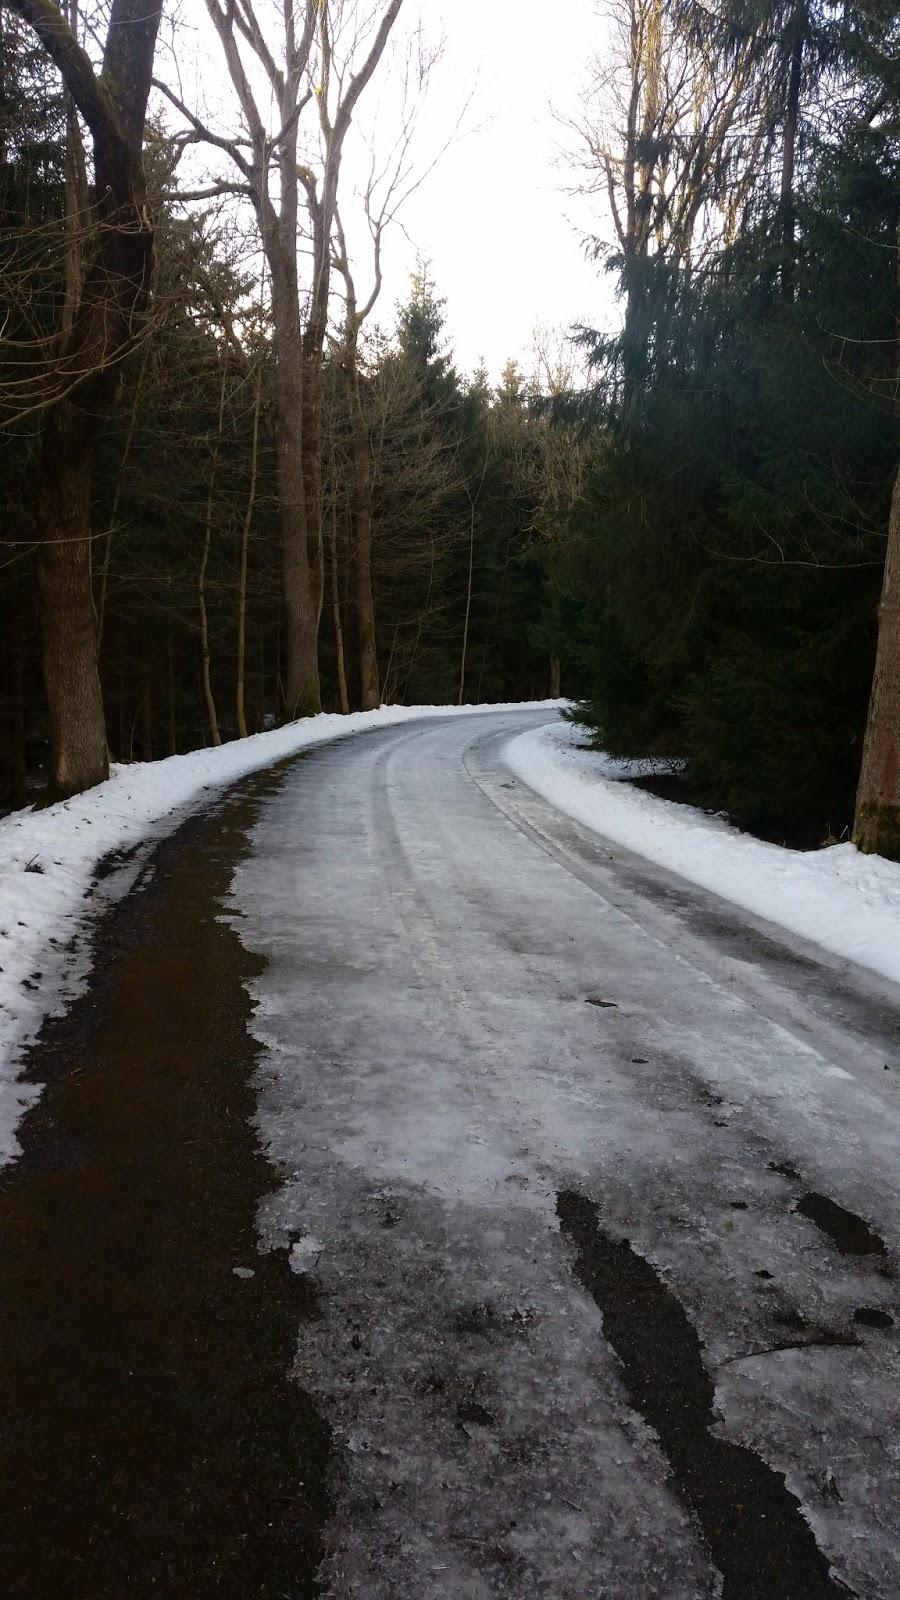 Laufen auf gefrorenem Boden im Winter